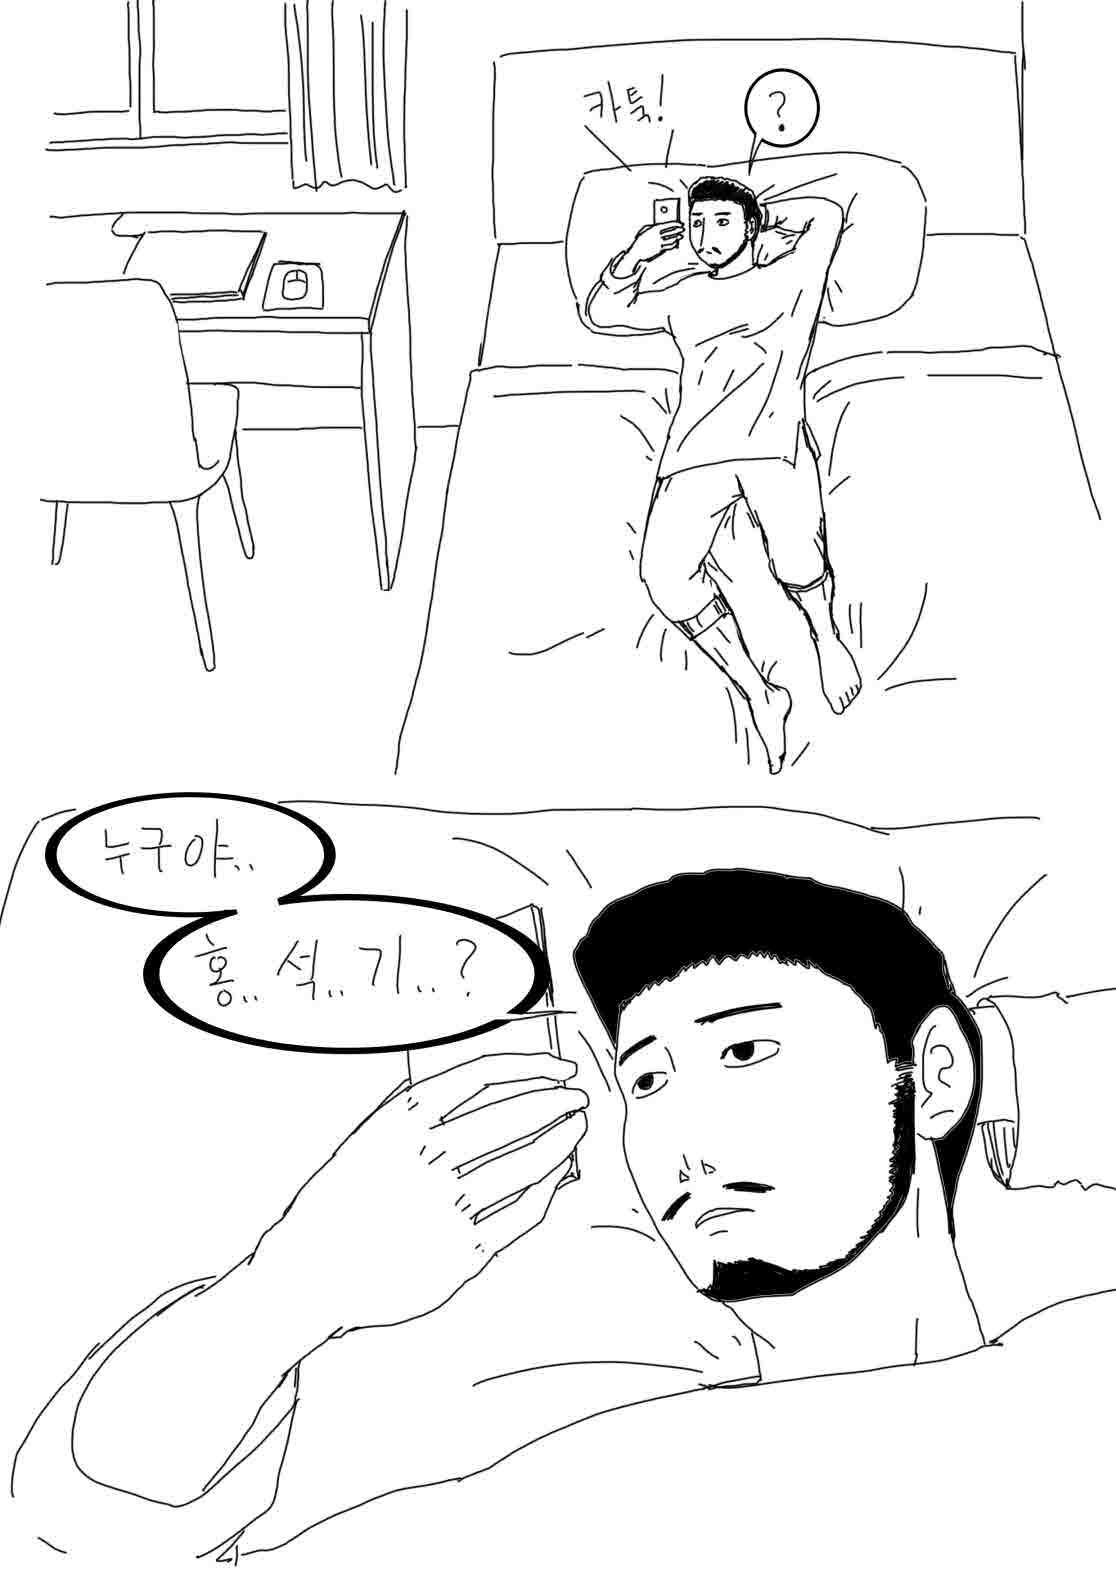 웹툰 끼와나의 썸네일.